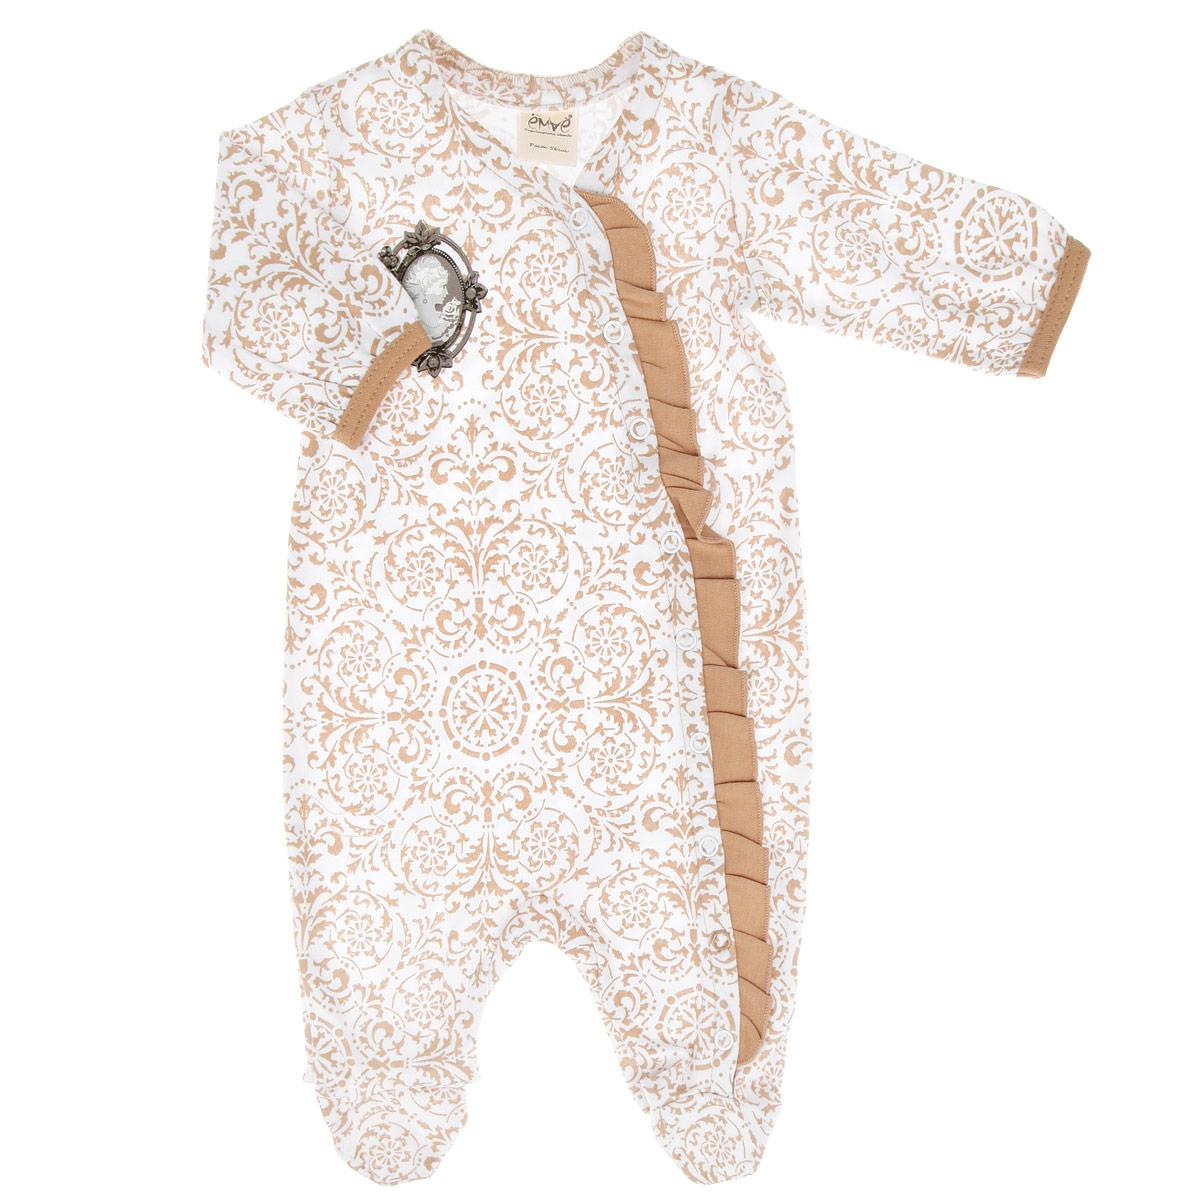 Комбинезон для девочки. 22-24222-242Детский комбинезон для девочки Ёмаё - очень удобный и практичный вид одежды для малышки. Комбинезон выполнен из интерлока - натурального хлопка, благодаря чему он необычайно мягкий и приятный на ощупь, не раздражает нежную кожу ребенка и хорошо вентилируется, а эластичные швы приятны телу младенца и не препятствуют его движениям. Комбинезон с длинными рукавами и закрытыми ножками имеет застежки-кнопки по левой стороне от горловины до щиколотки, которые помогают легко переодеть ребенка или сменить подгузник. Рукава понизу присборены на контрастные трикотажные бейки. Планка украшена контрастной оборкой. На груди изделие оформлено небольшой оригинальной термоаппликацией. С таким детским комбинезоном спинка и ножки вашей малышки всегда будут в тепле, он идеален для использования днем и незаменим ночью. Комбинезон полностью соответствует особенностям жизни младенца в ранний период, не стесняя и не ограничивая его в движениях!